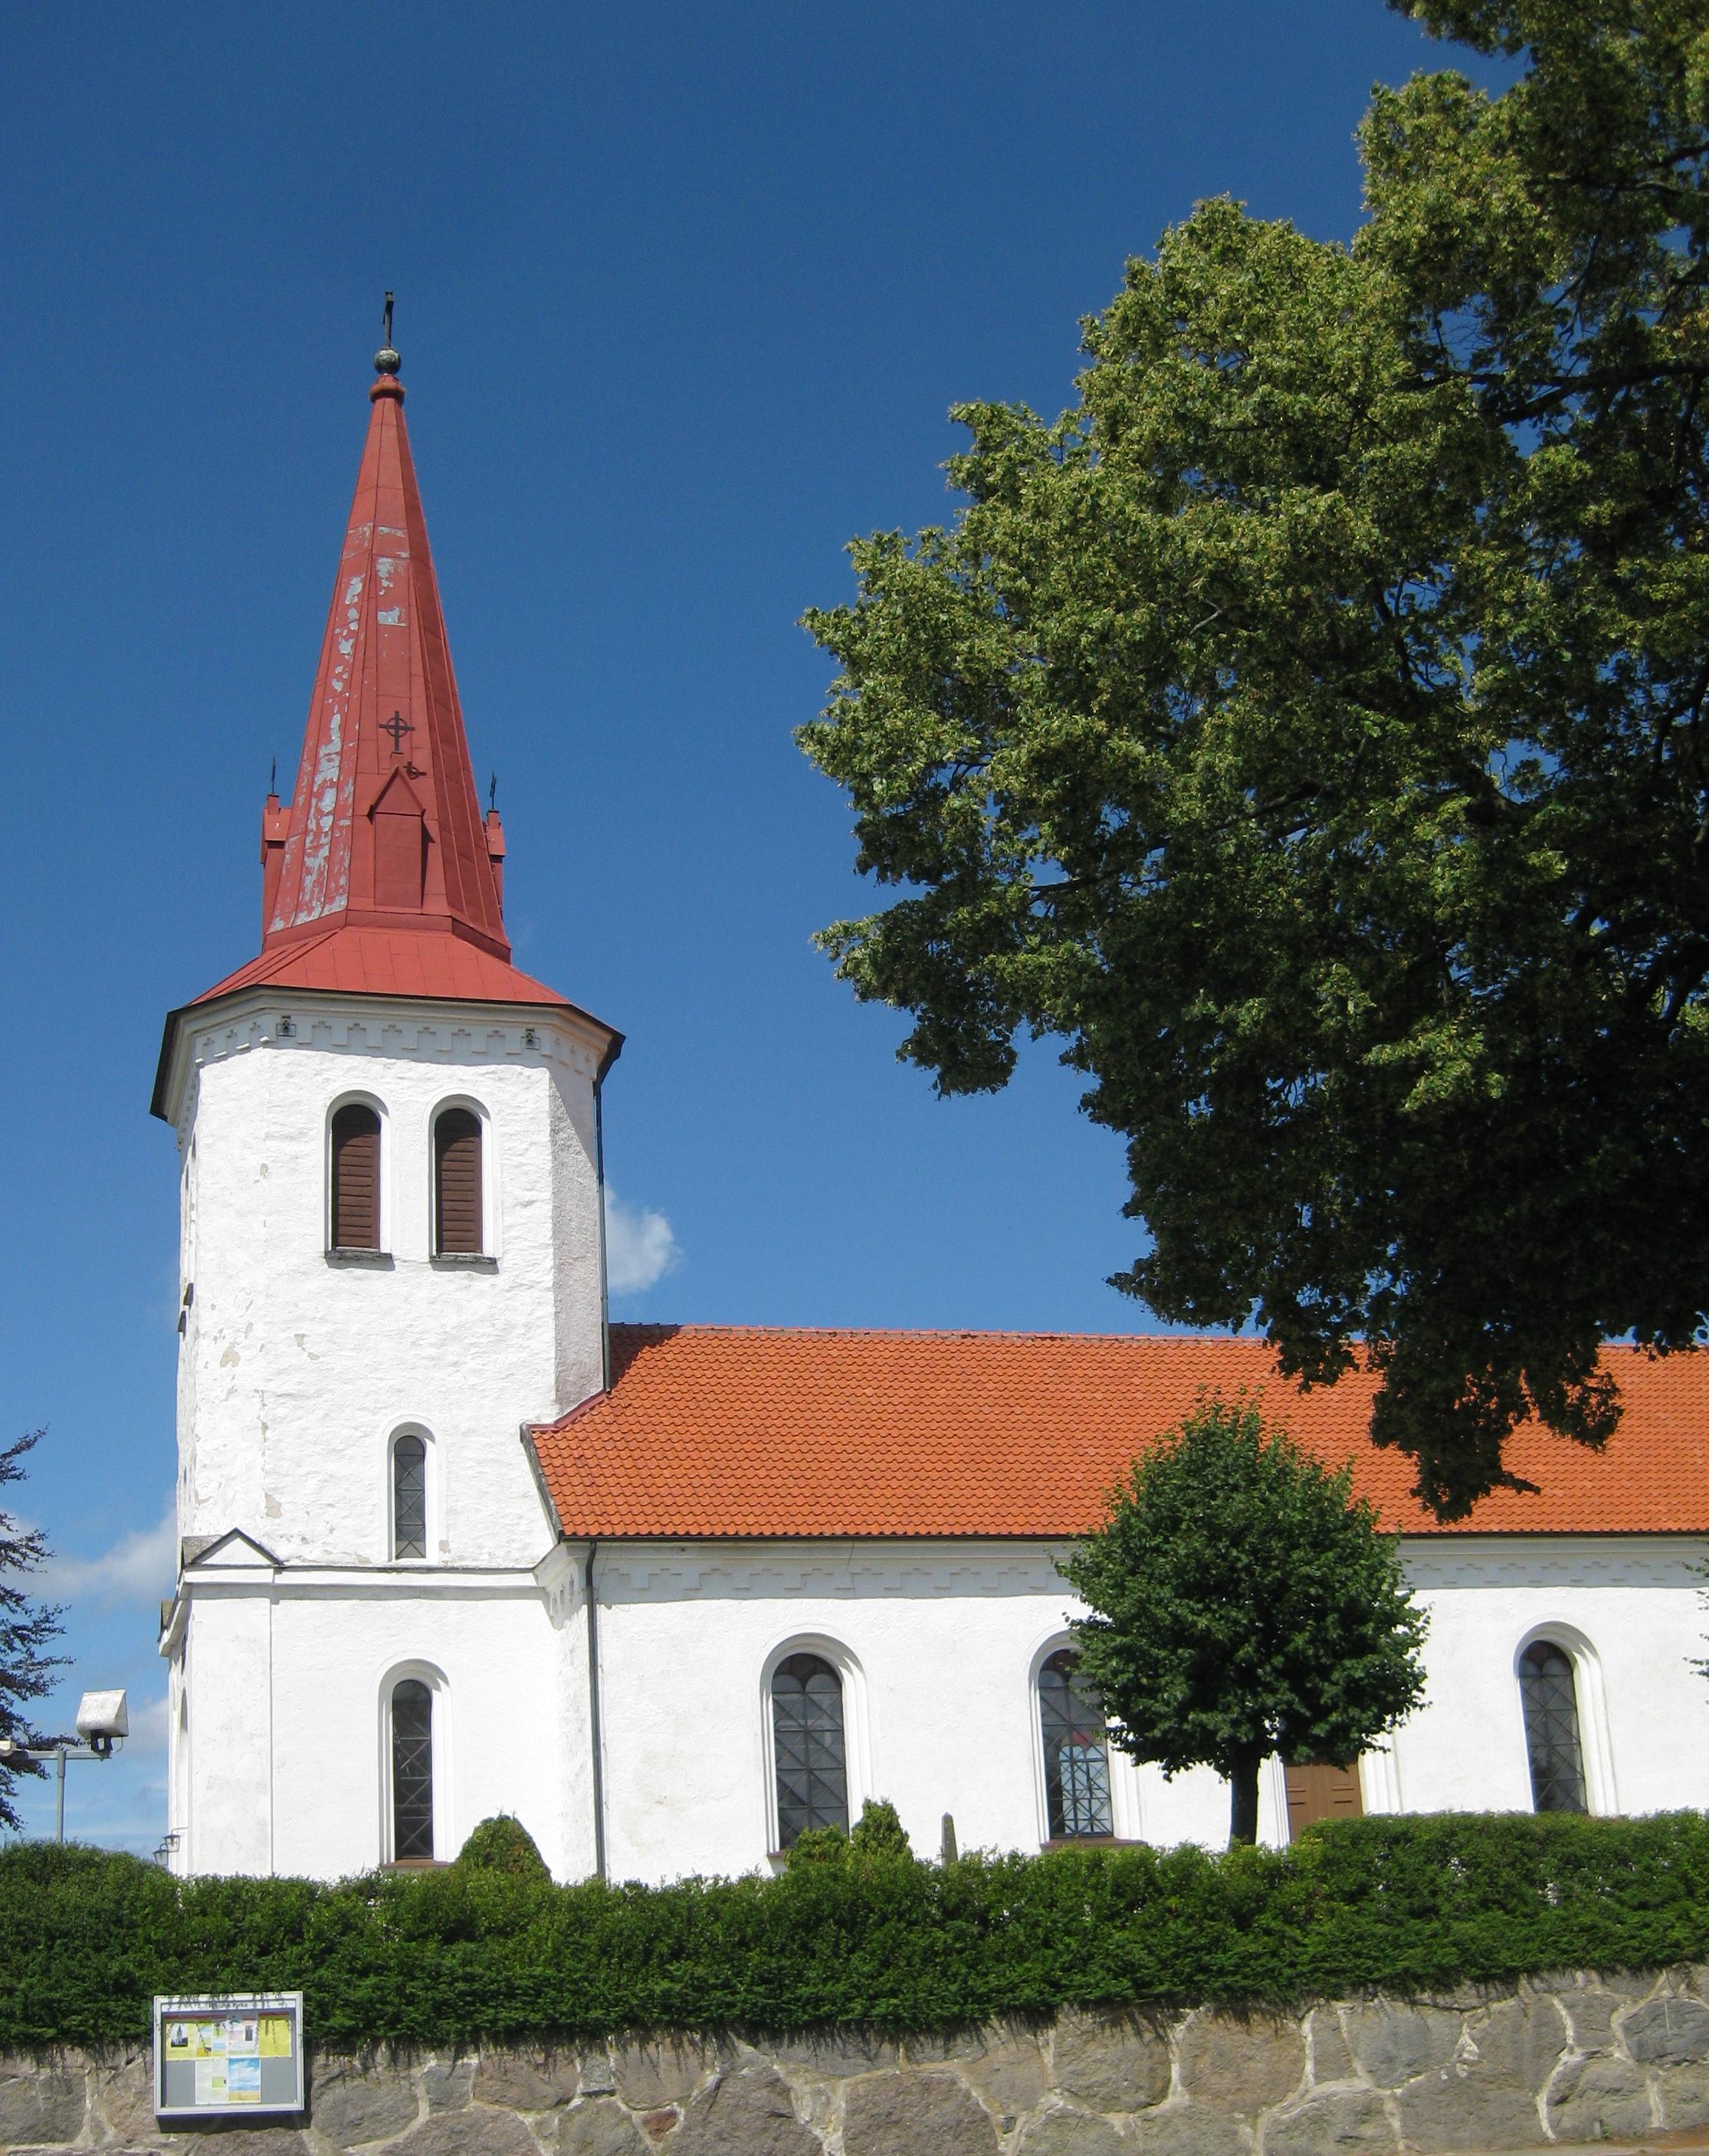 Bild av Rörums kyrka. Foto: Jorchr / GFDL